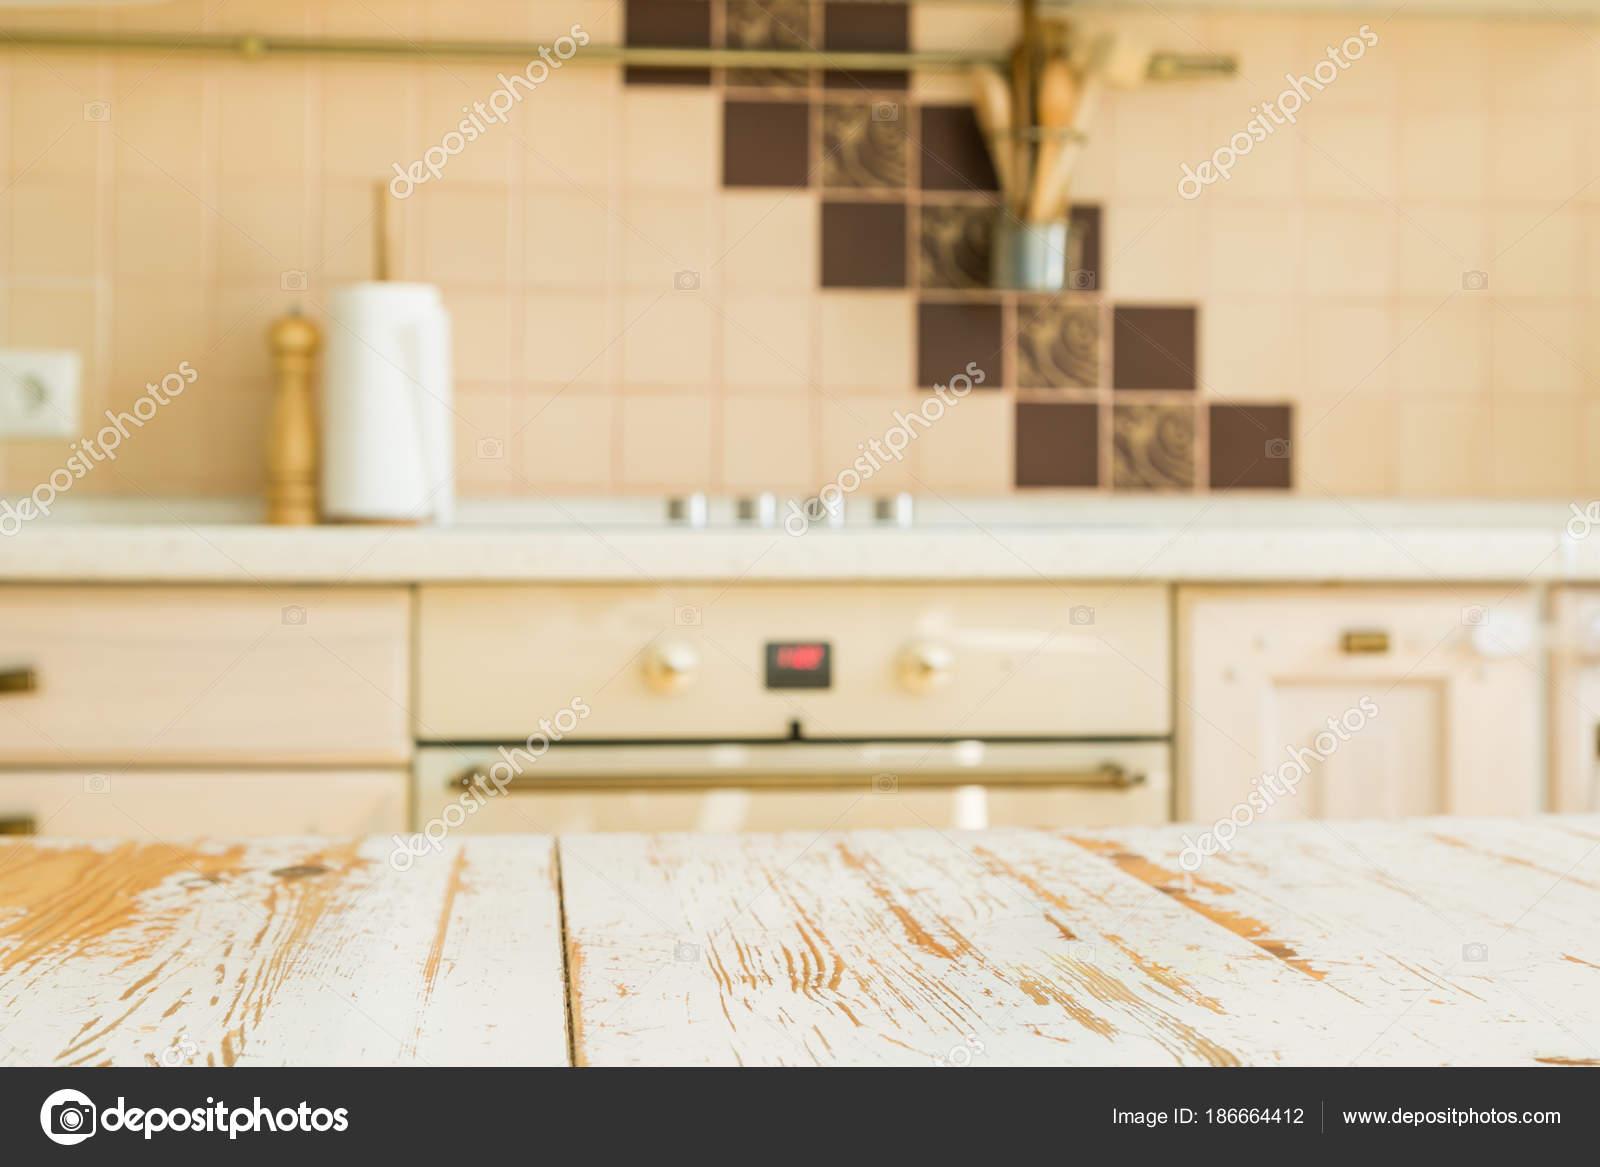 kitchen counter cabinets martha stewart 厨房台面与模糊厨房柜台 图库照片 c anaumenko 186664412